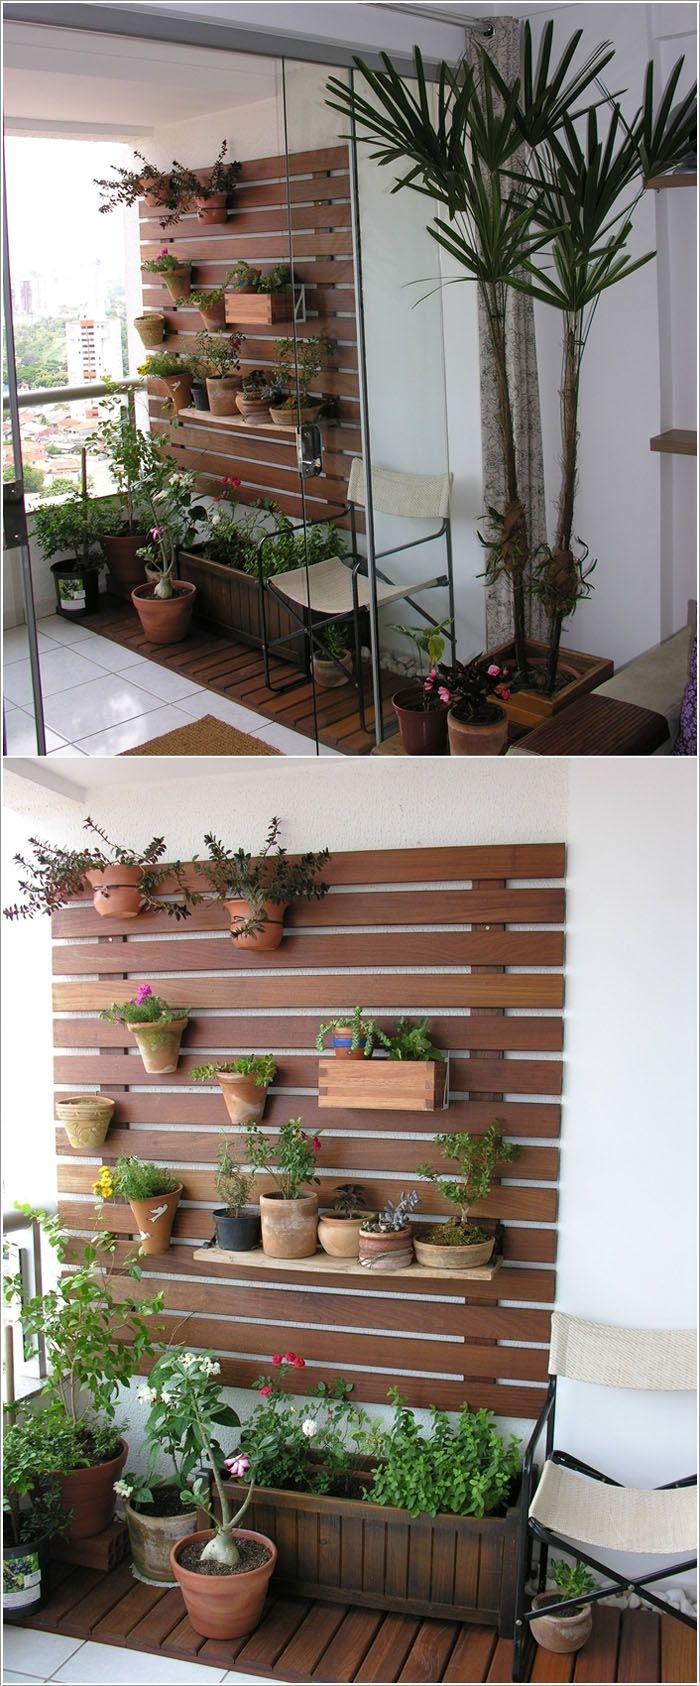 platzsparende moebel kleinen balkon gestalten blumenbeet - Einfache Dekoration Und Mobel Gartenmoebel Fuer Die Neue Saison